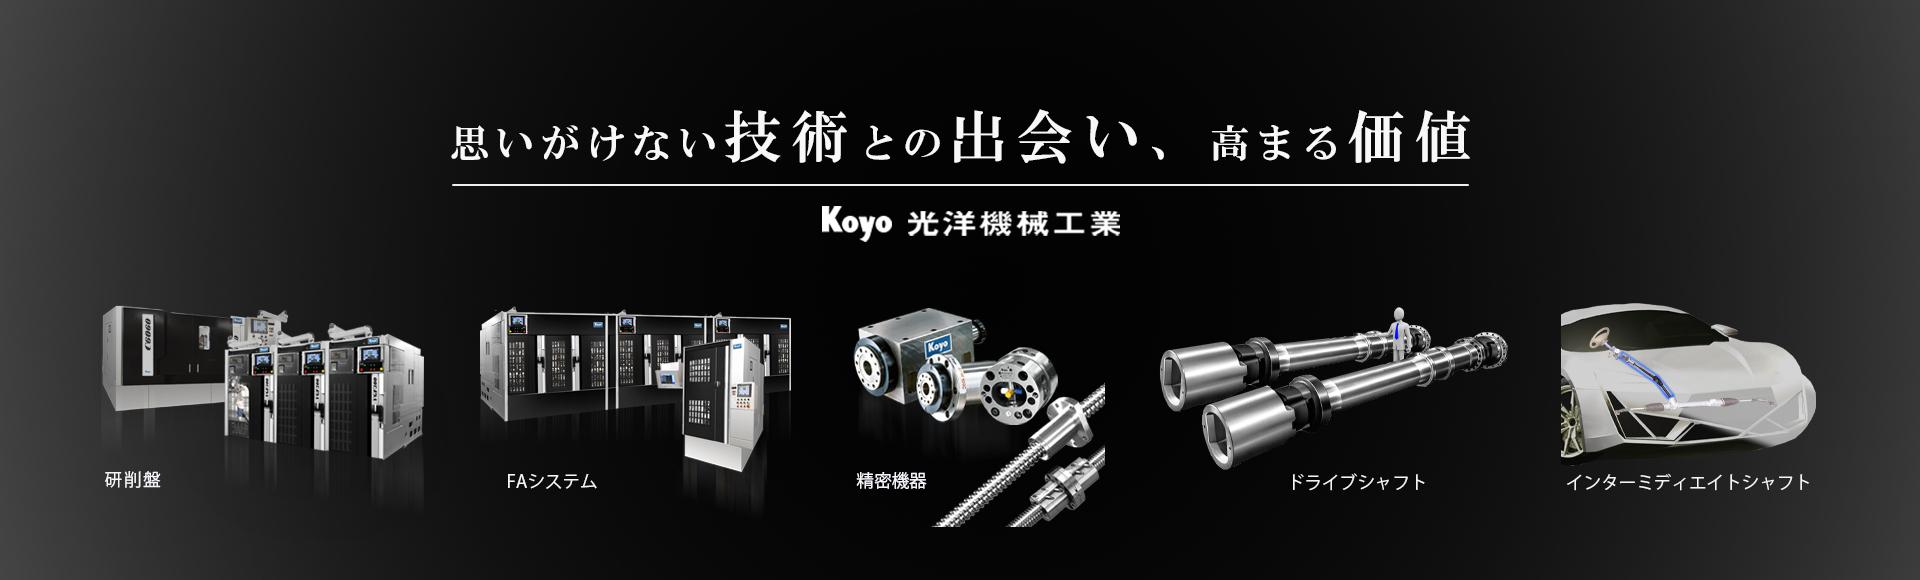 思いがけない技術との出会い、高まる価値 Koyo 光洋機械工業